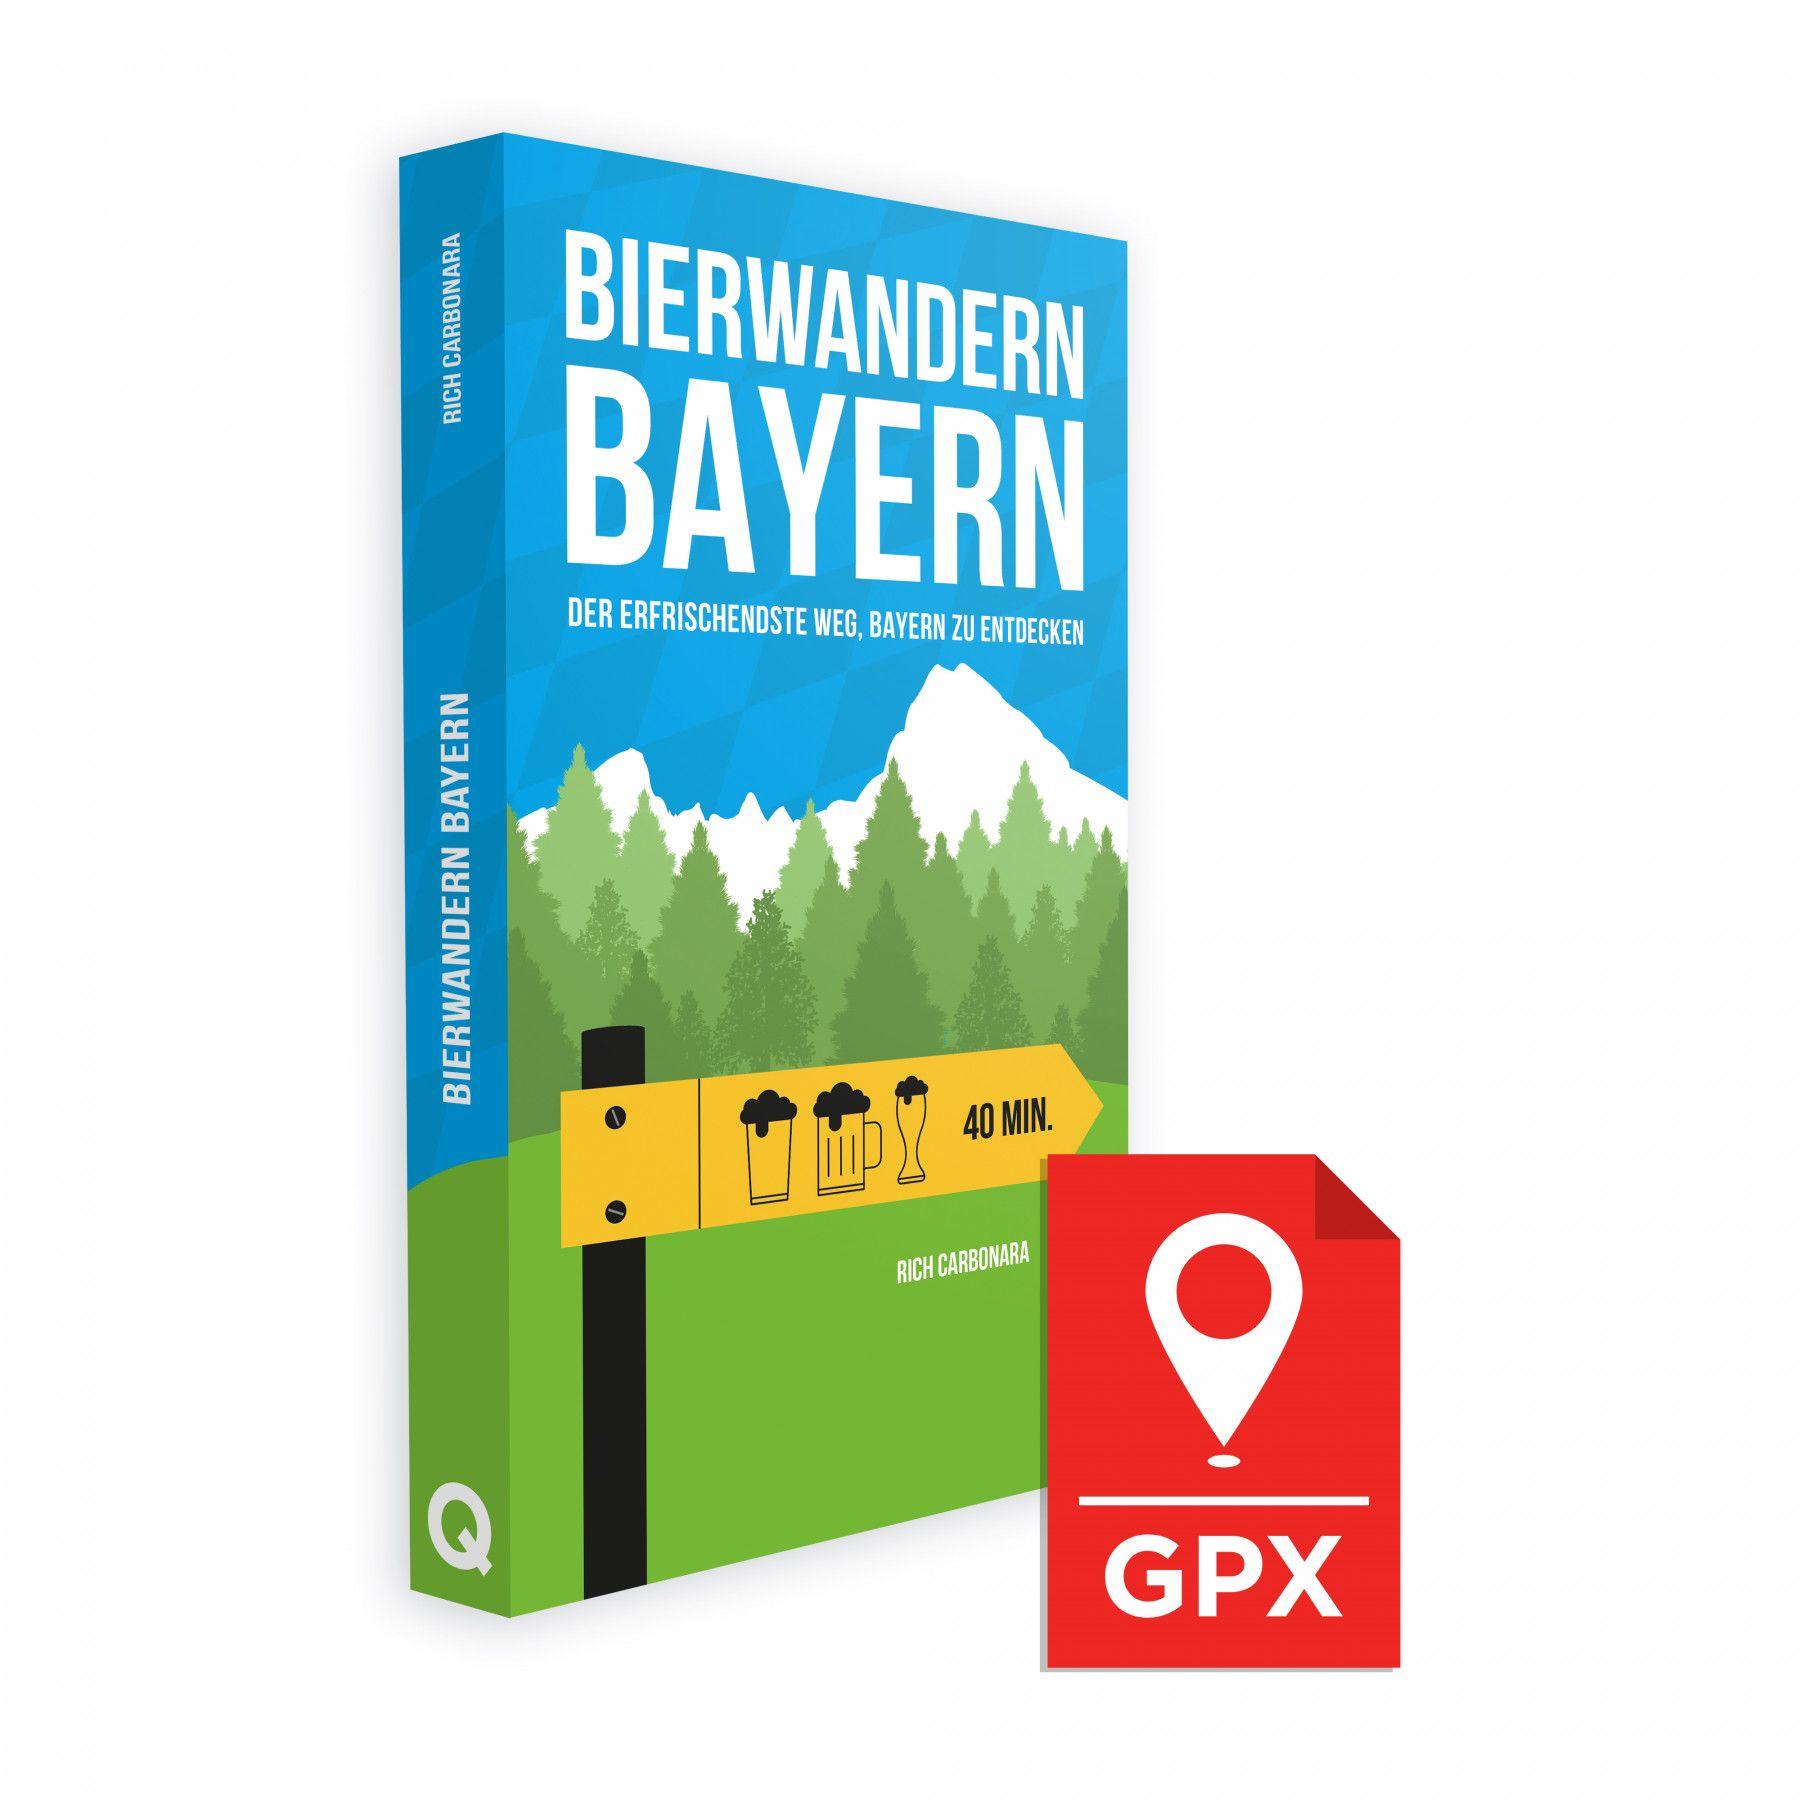 GPX - Bierwandern Bayern (Download)